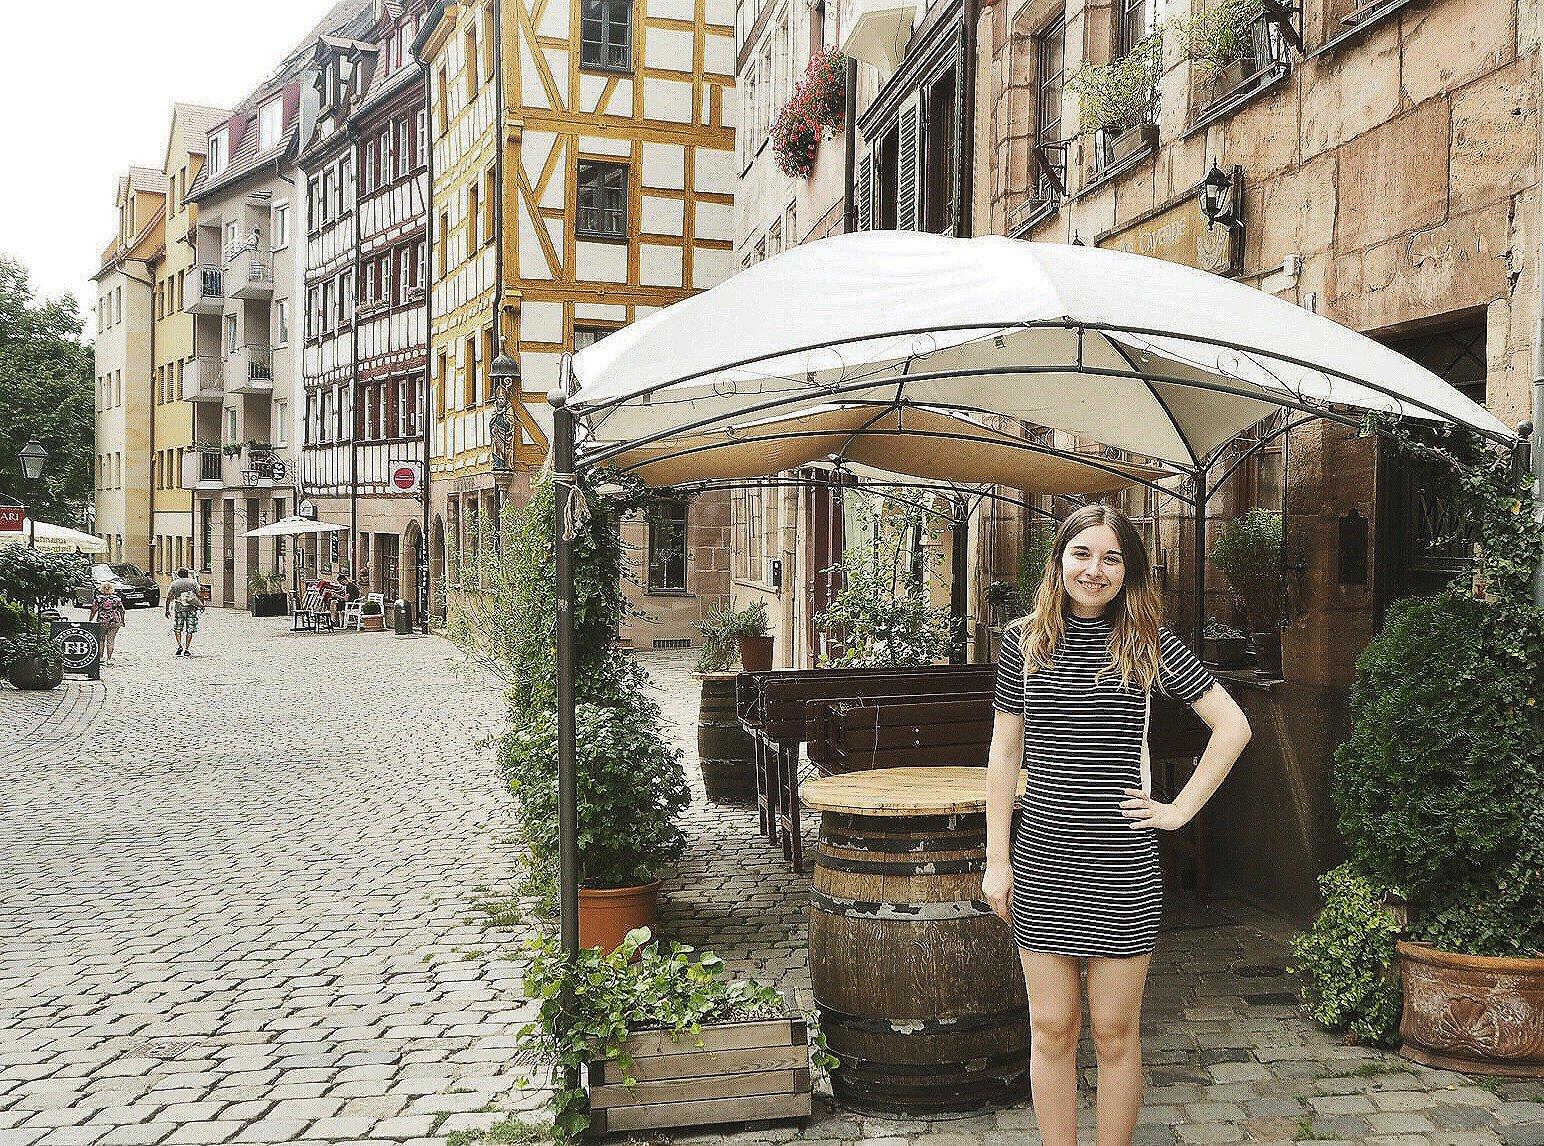 Explore Altstadt Nuremberg